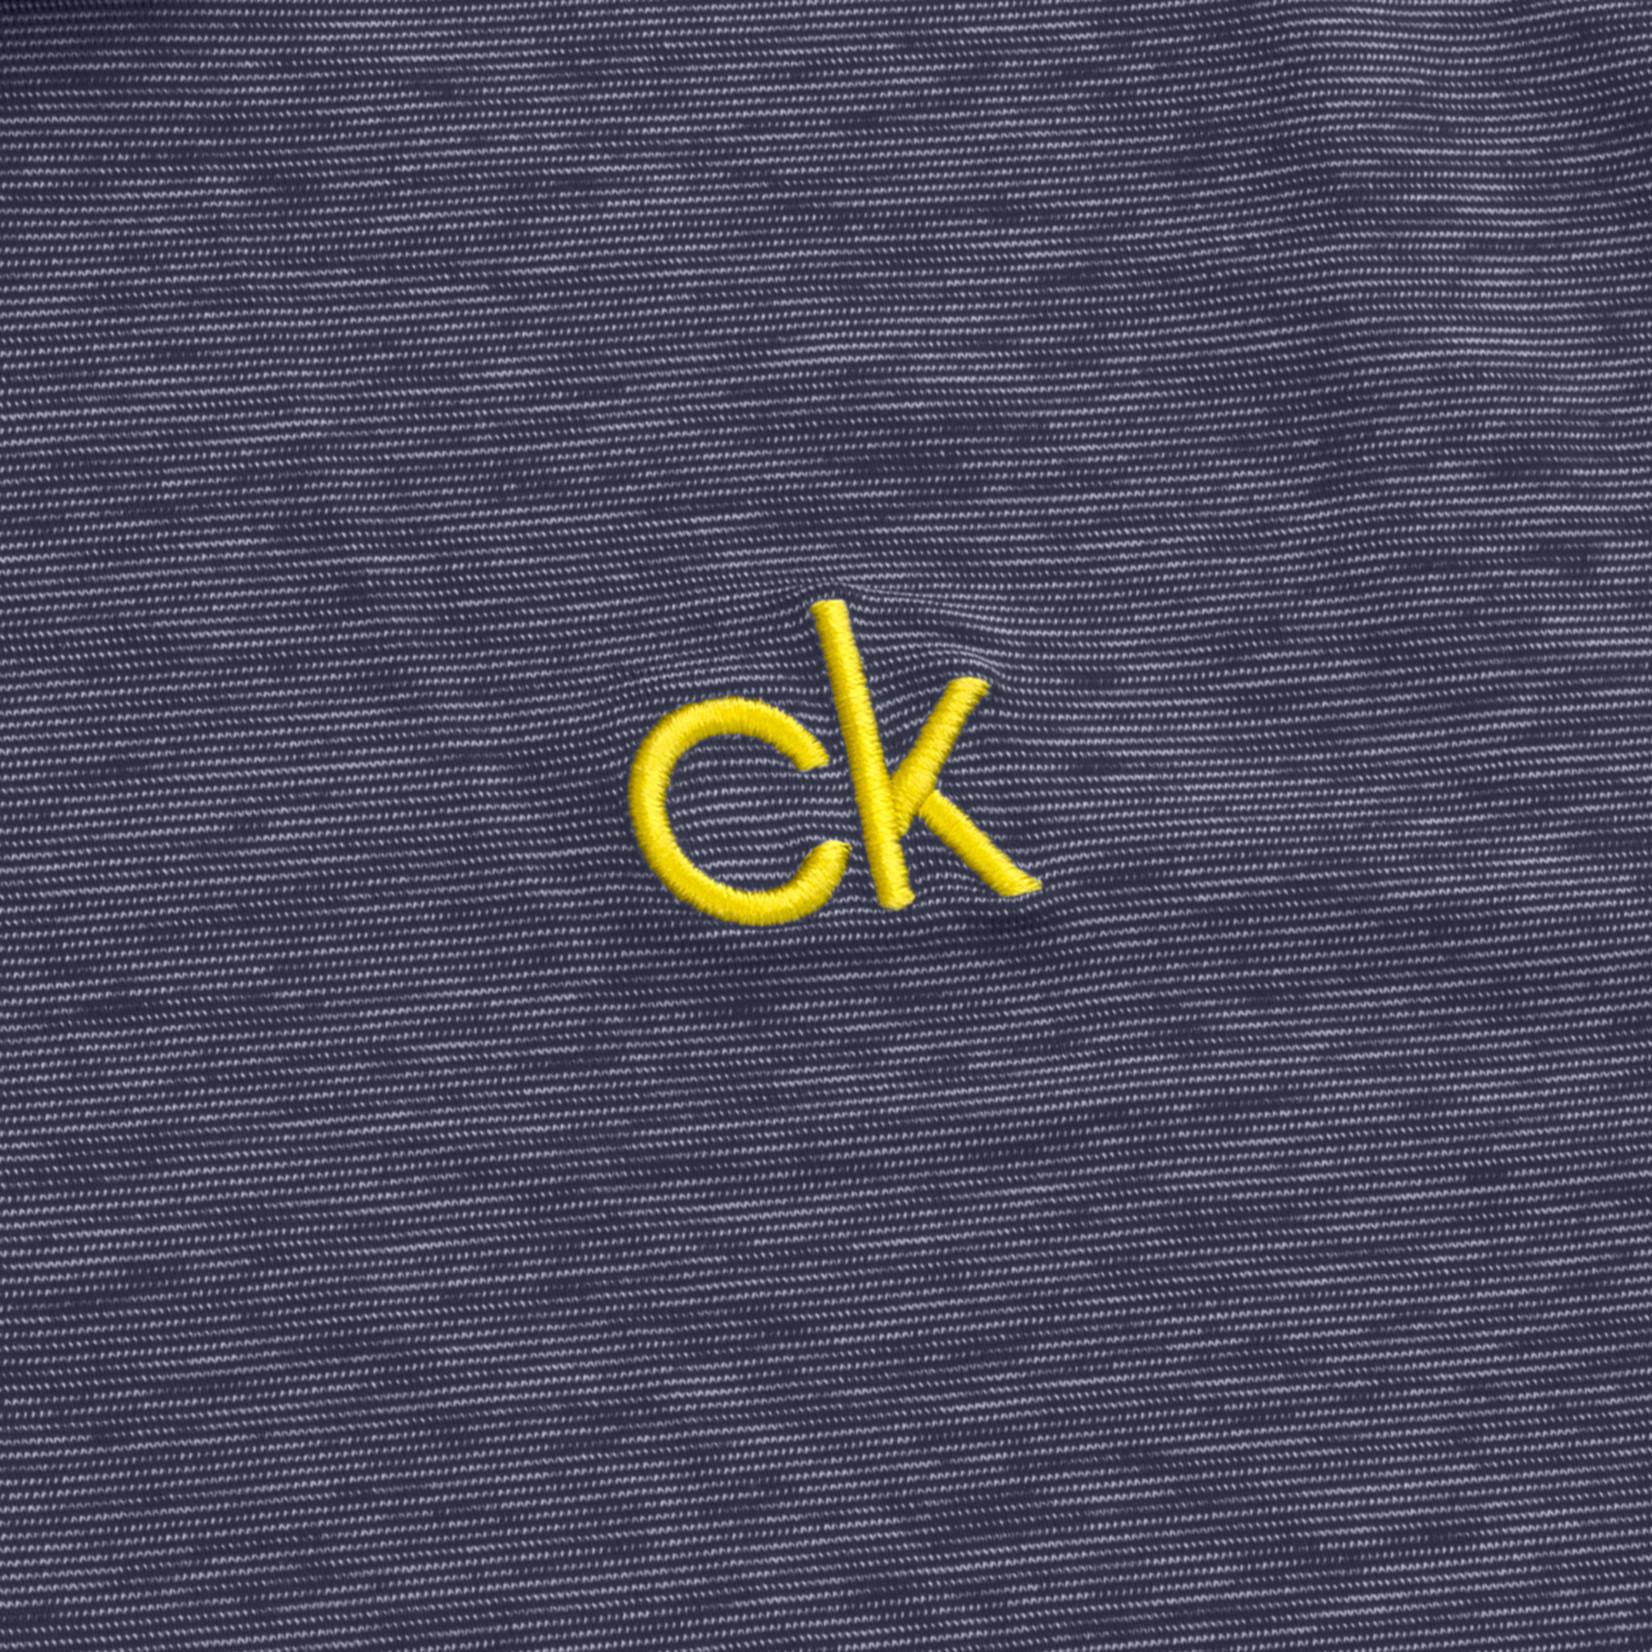 Calvin Klein Calvin Klein Casper Polo NAVY MARL